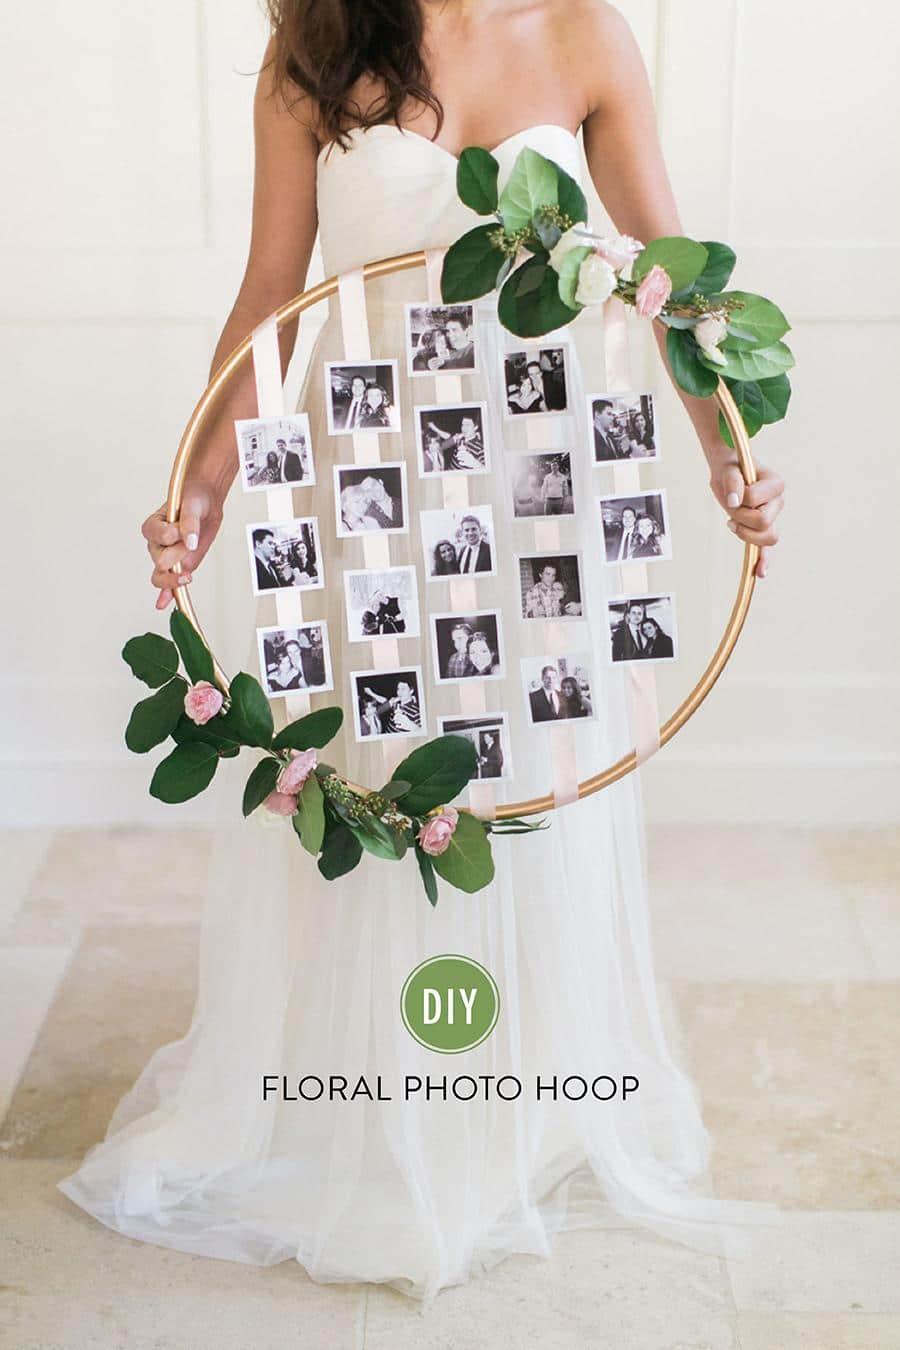 DIY Photo Hoop